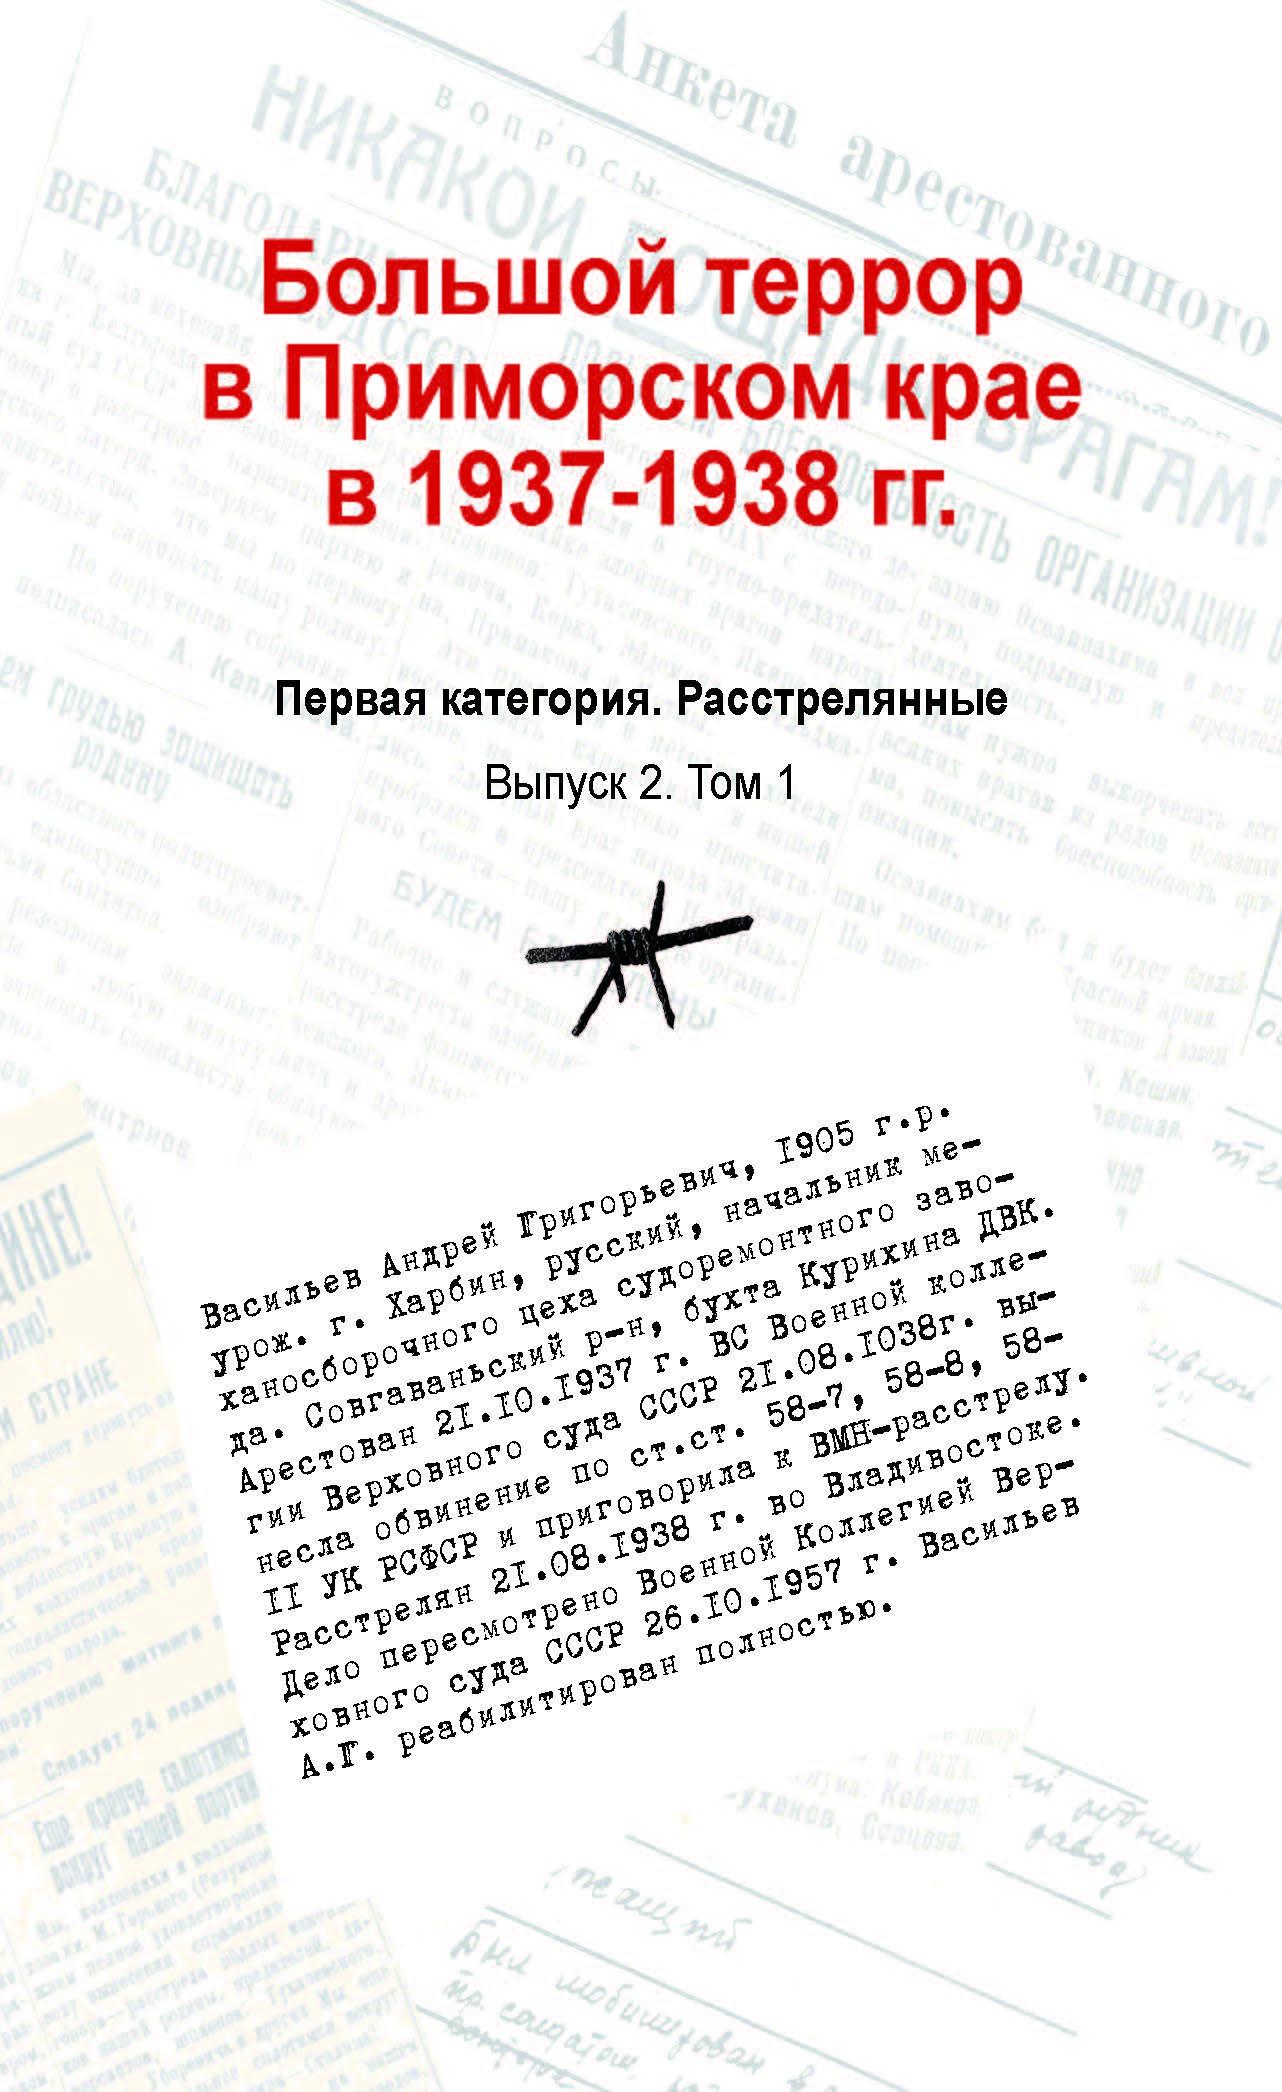 Большой террор в Приморском крае в 1937-1938 гг. Выпуск 2. Том.1